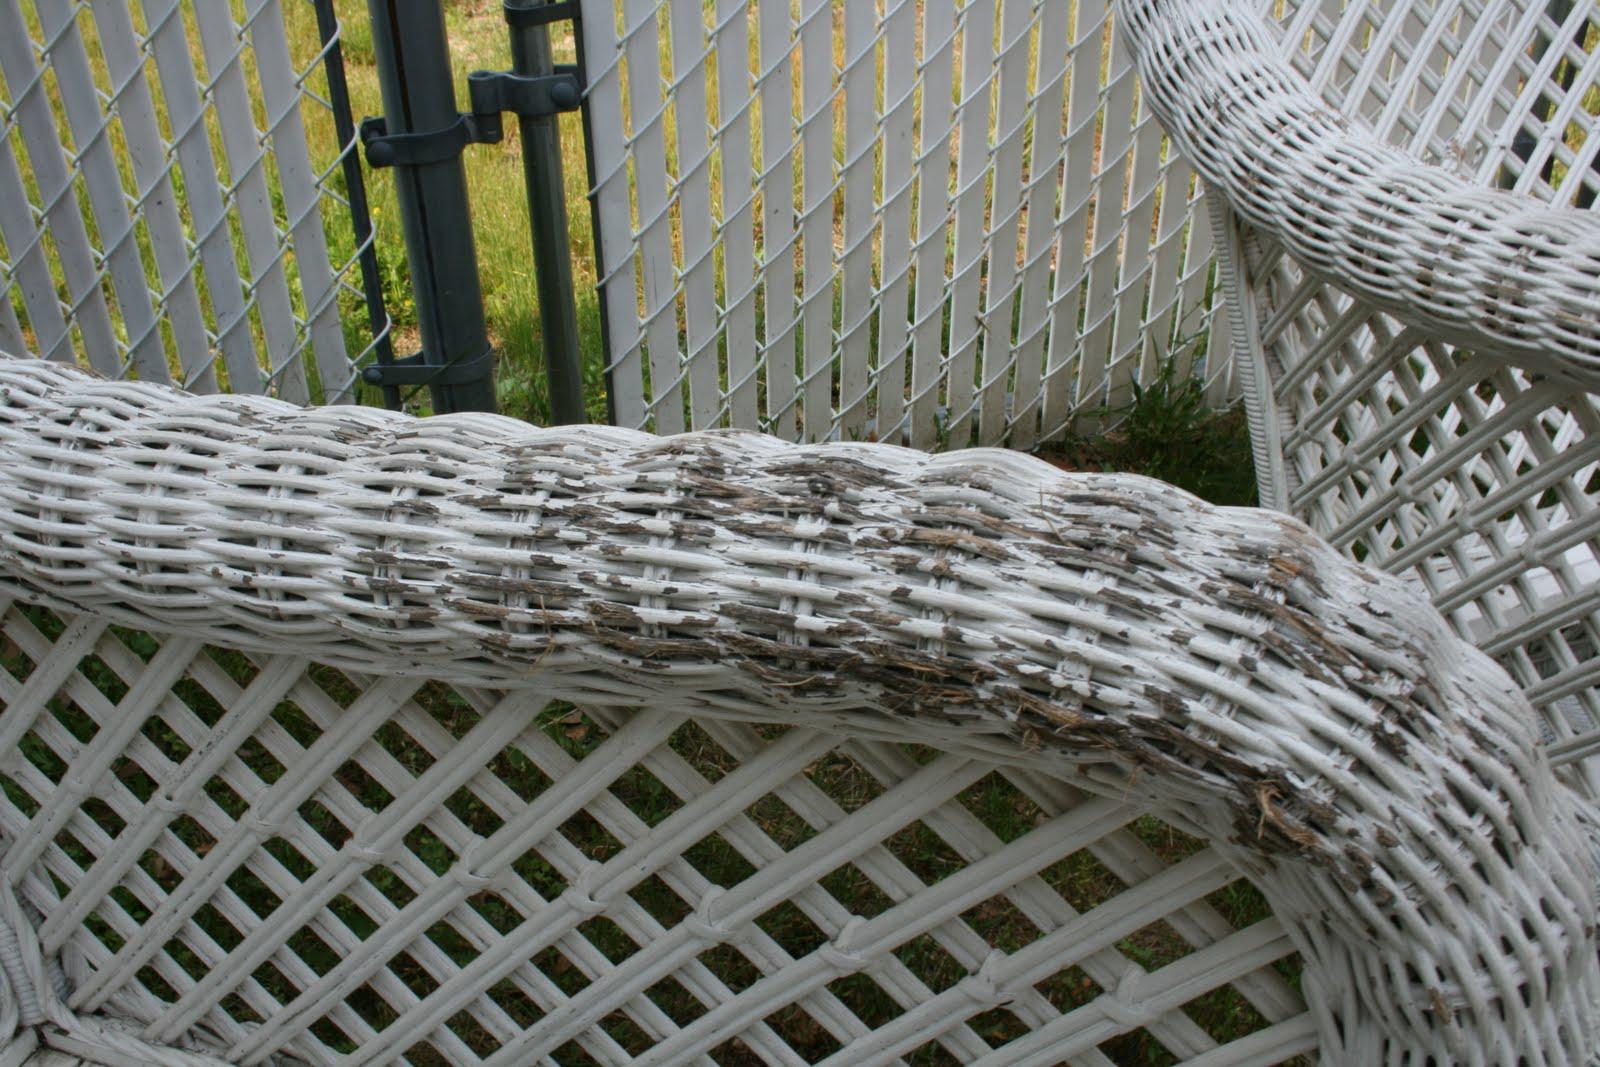 Cómo recuperar una silla de mimbre: Limpieza y pintura